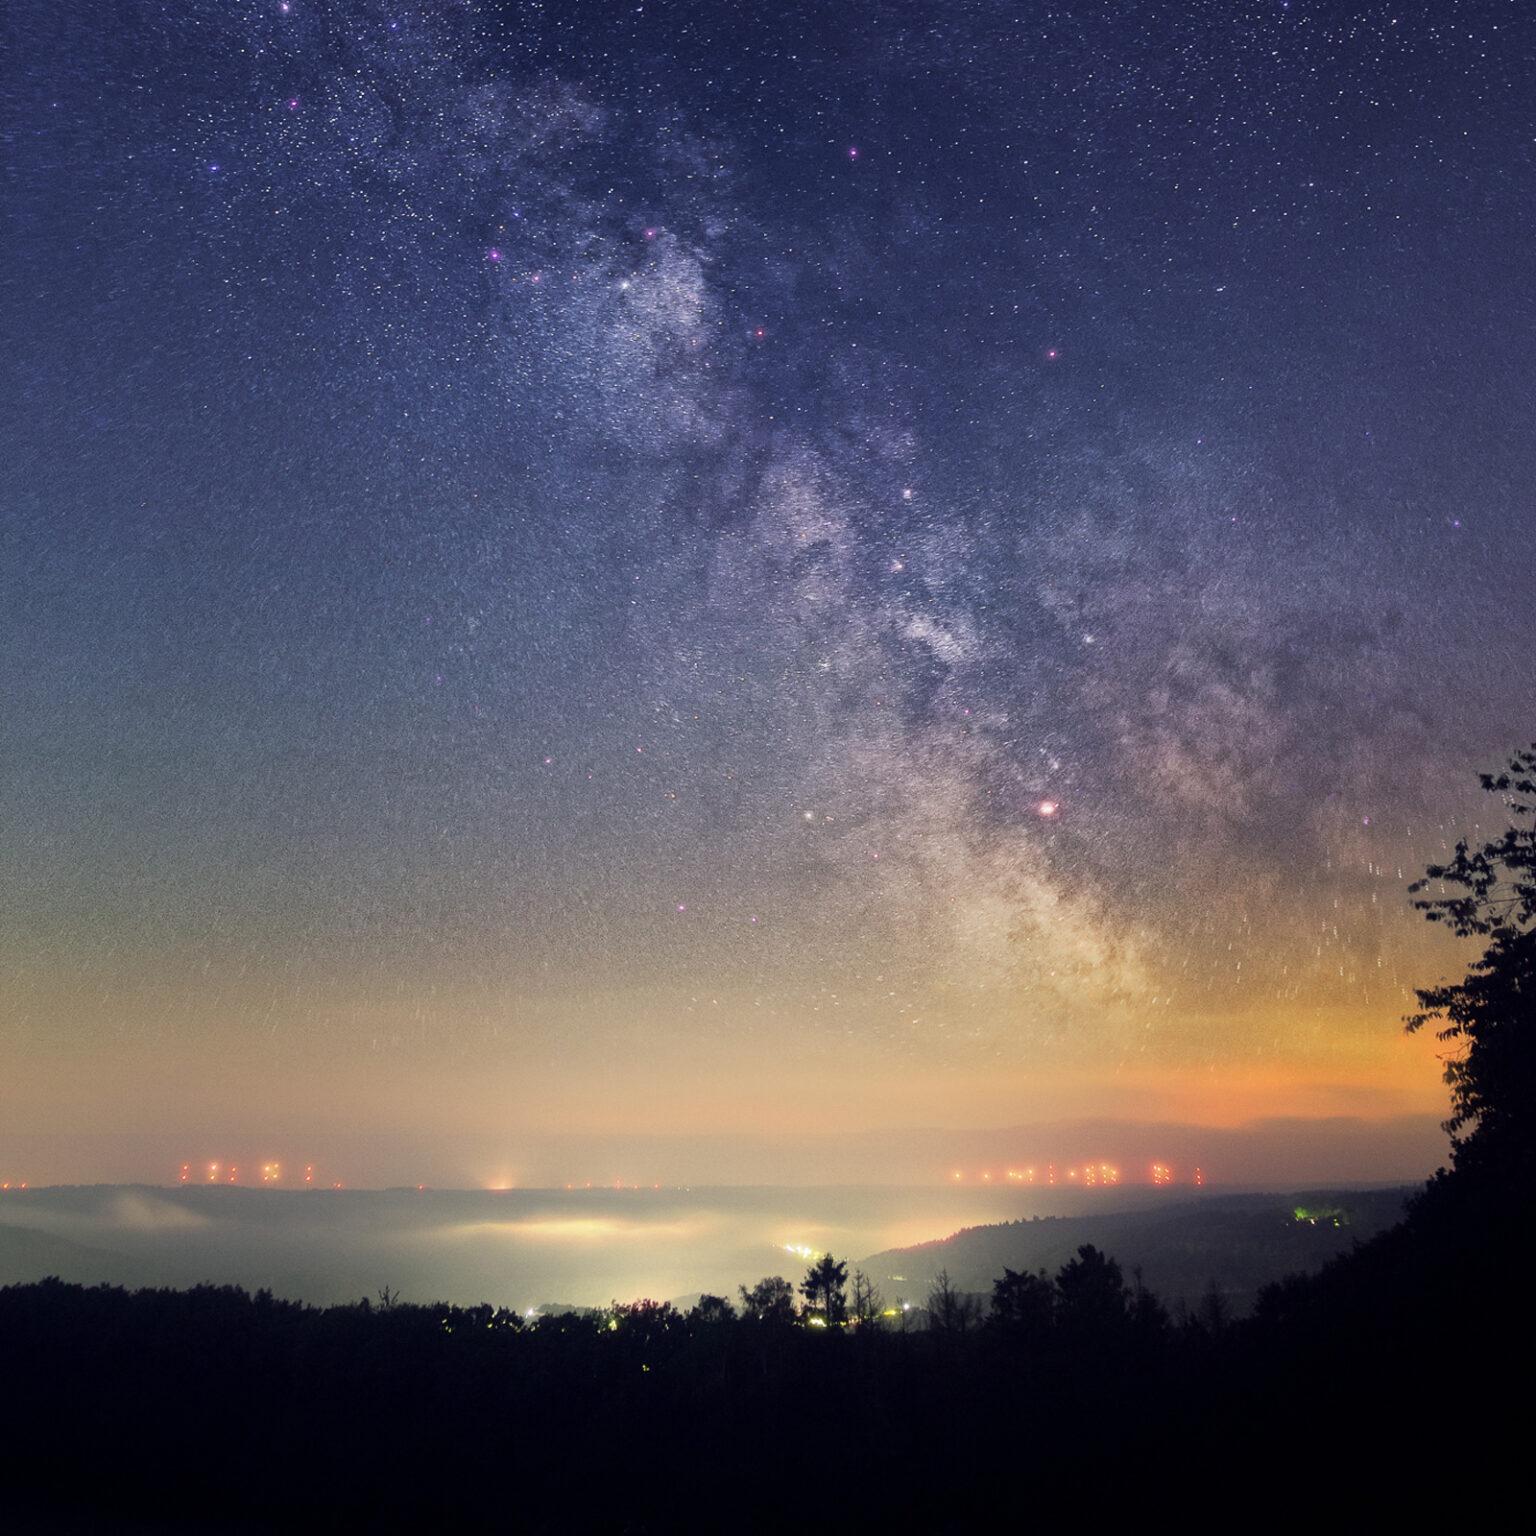 Das Bild zeigt einen üppigen Sternenhimmel über dem Rursee in der Eifel. Von einigen Ortschaft geht eine leichte Lichtverschmutzung aus. Die Sterne sind dennoch sehr gut zu sehen.